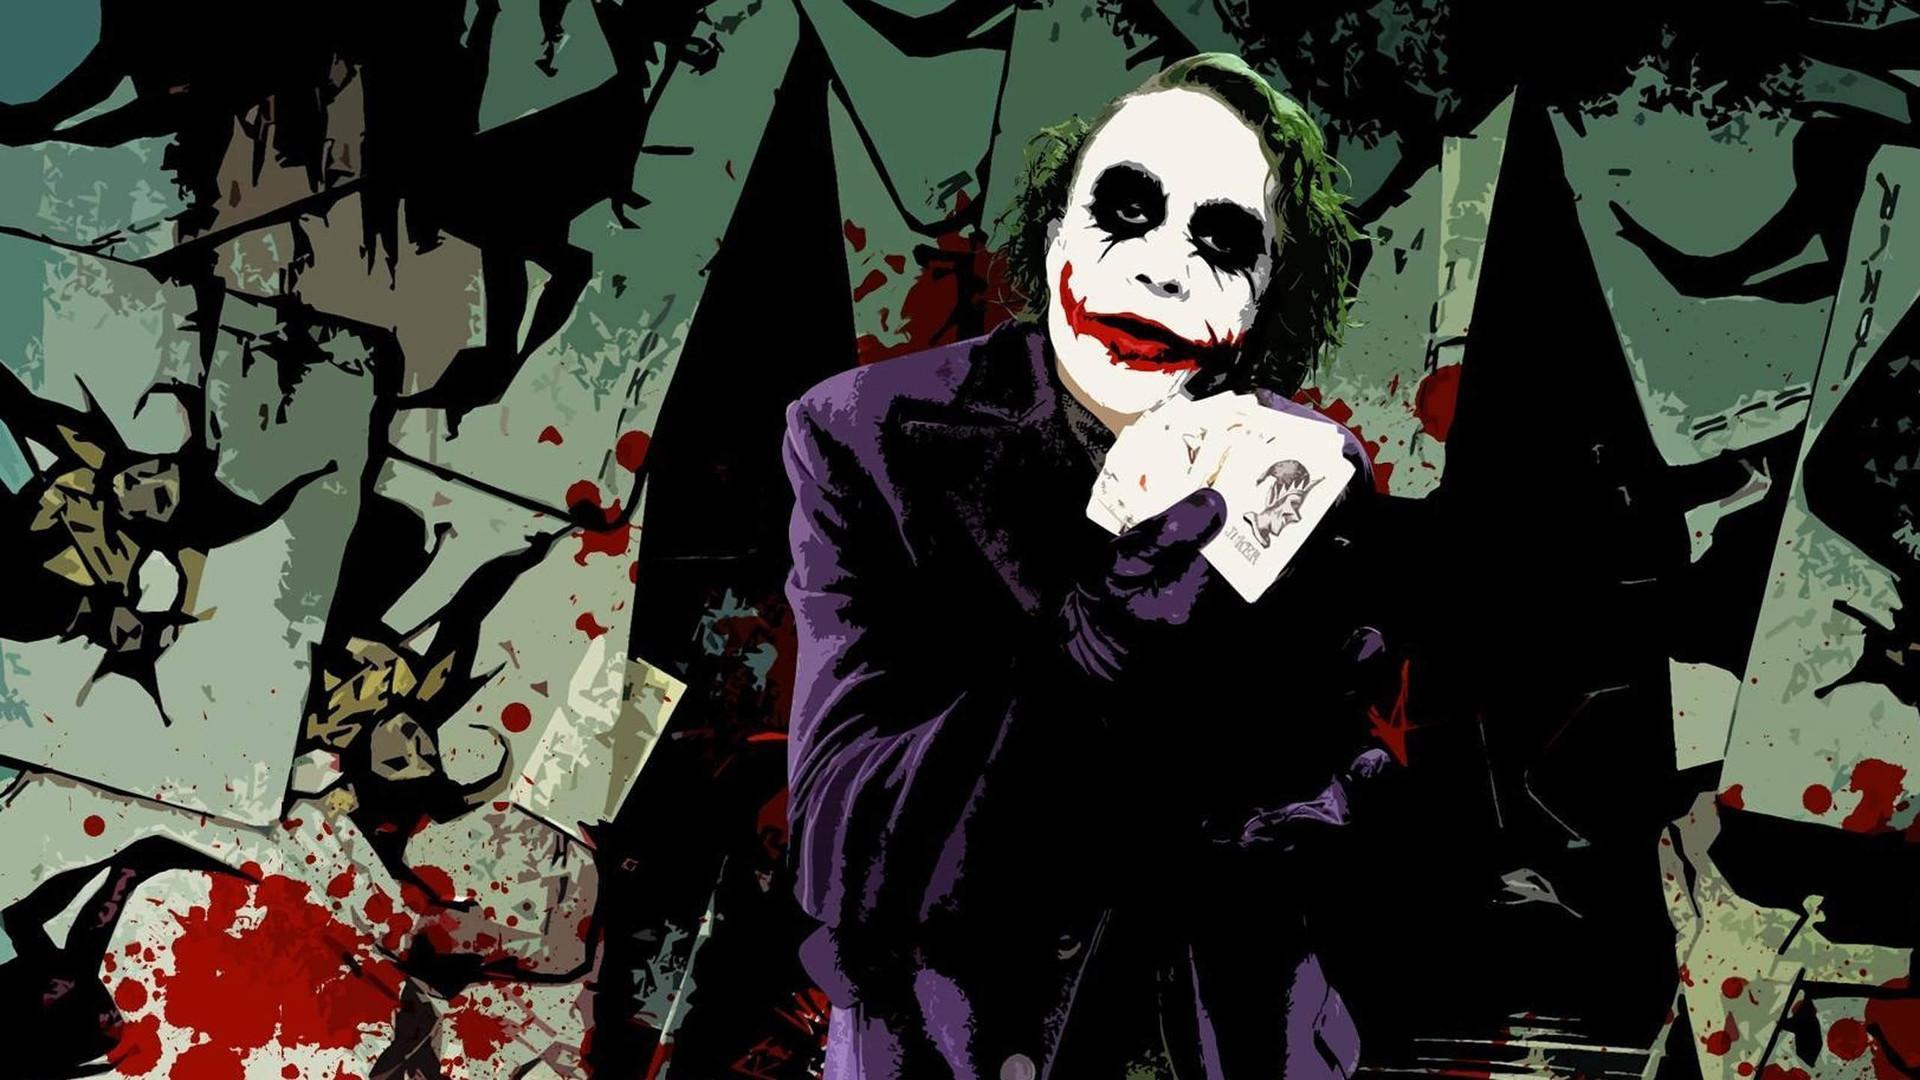 小丑:dc旗下最有魅力的犯罪者,只为犯罪所以反派图片